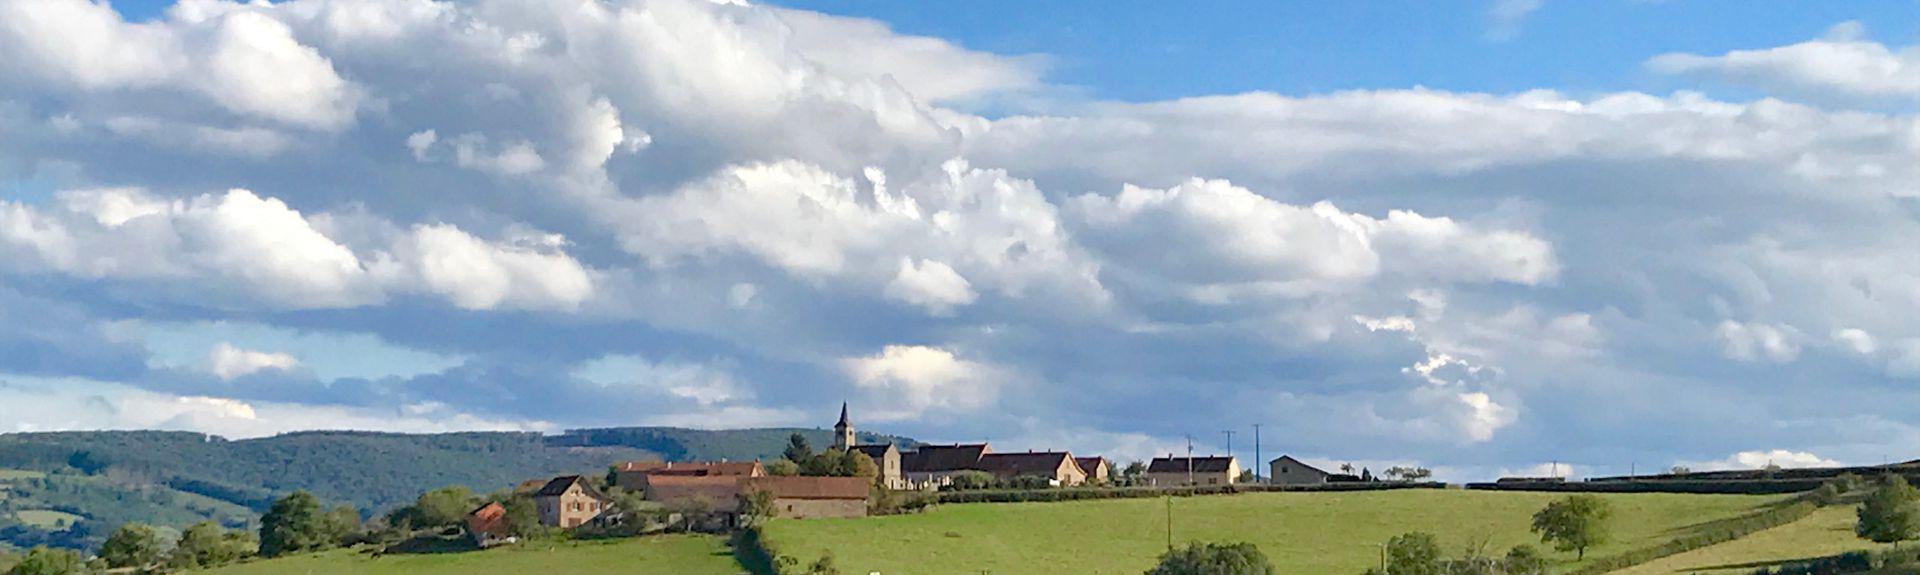 Le Rousset, France